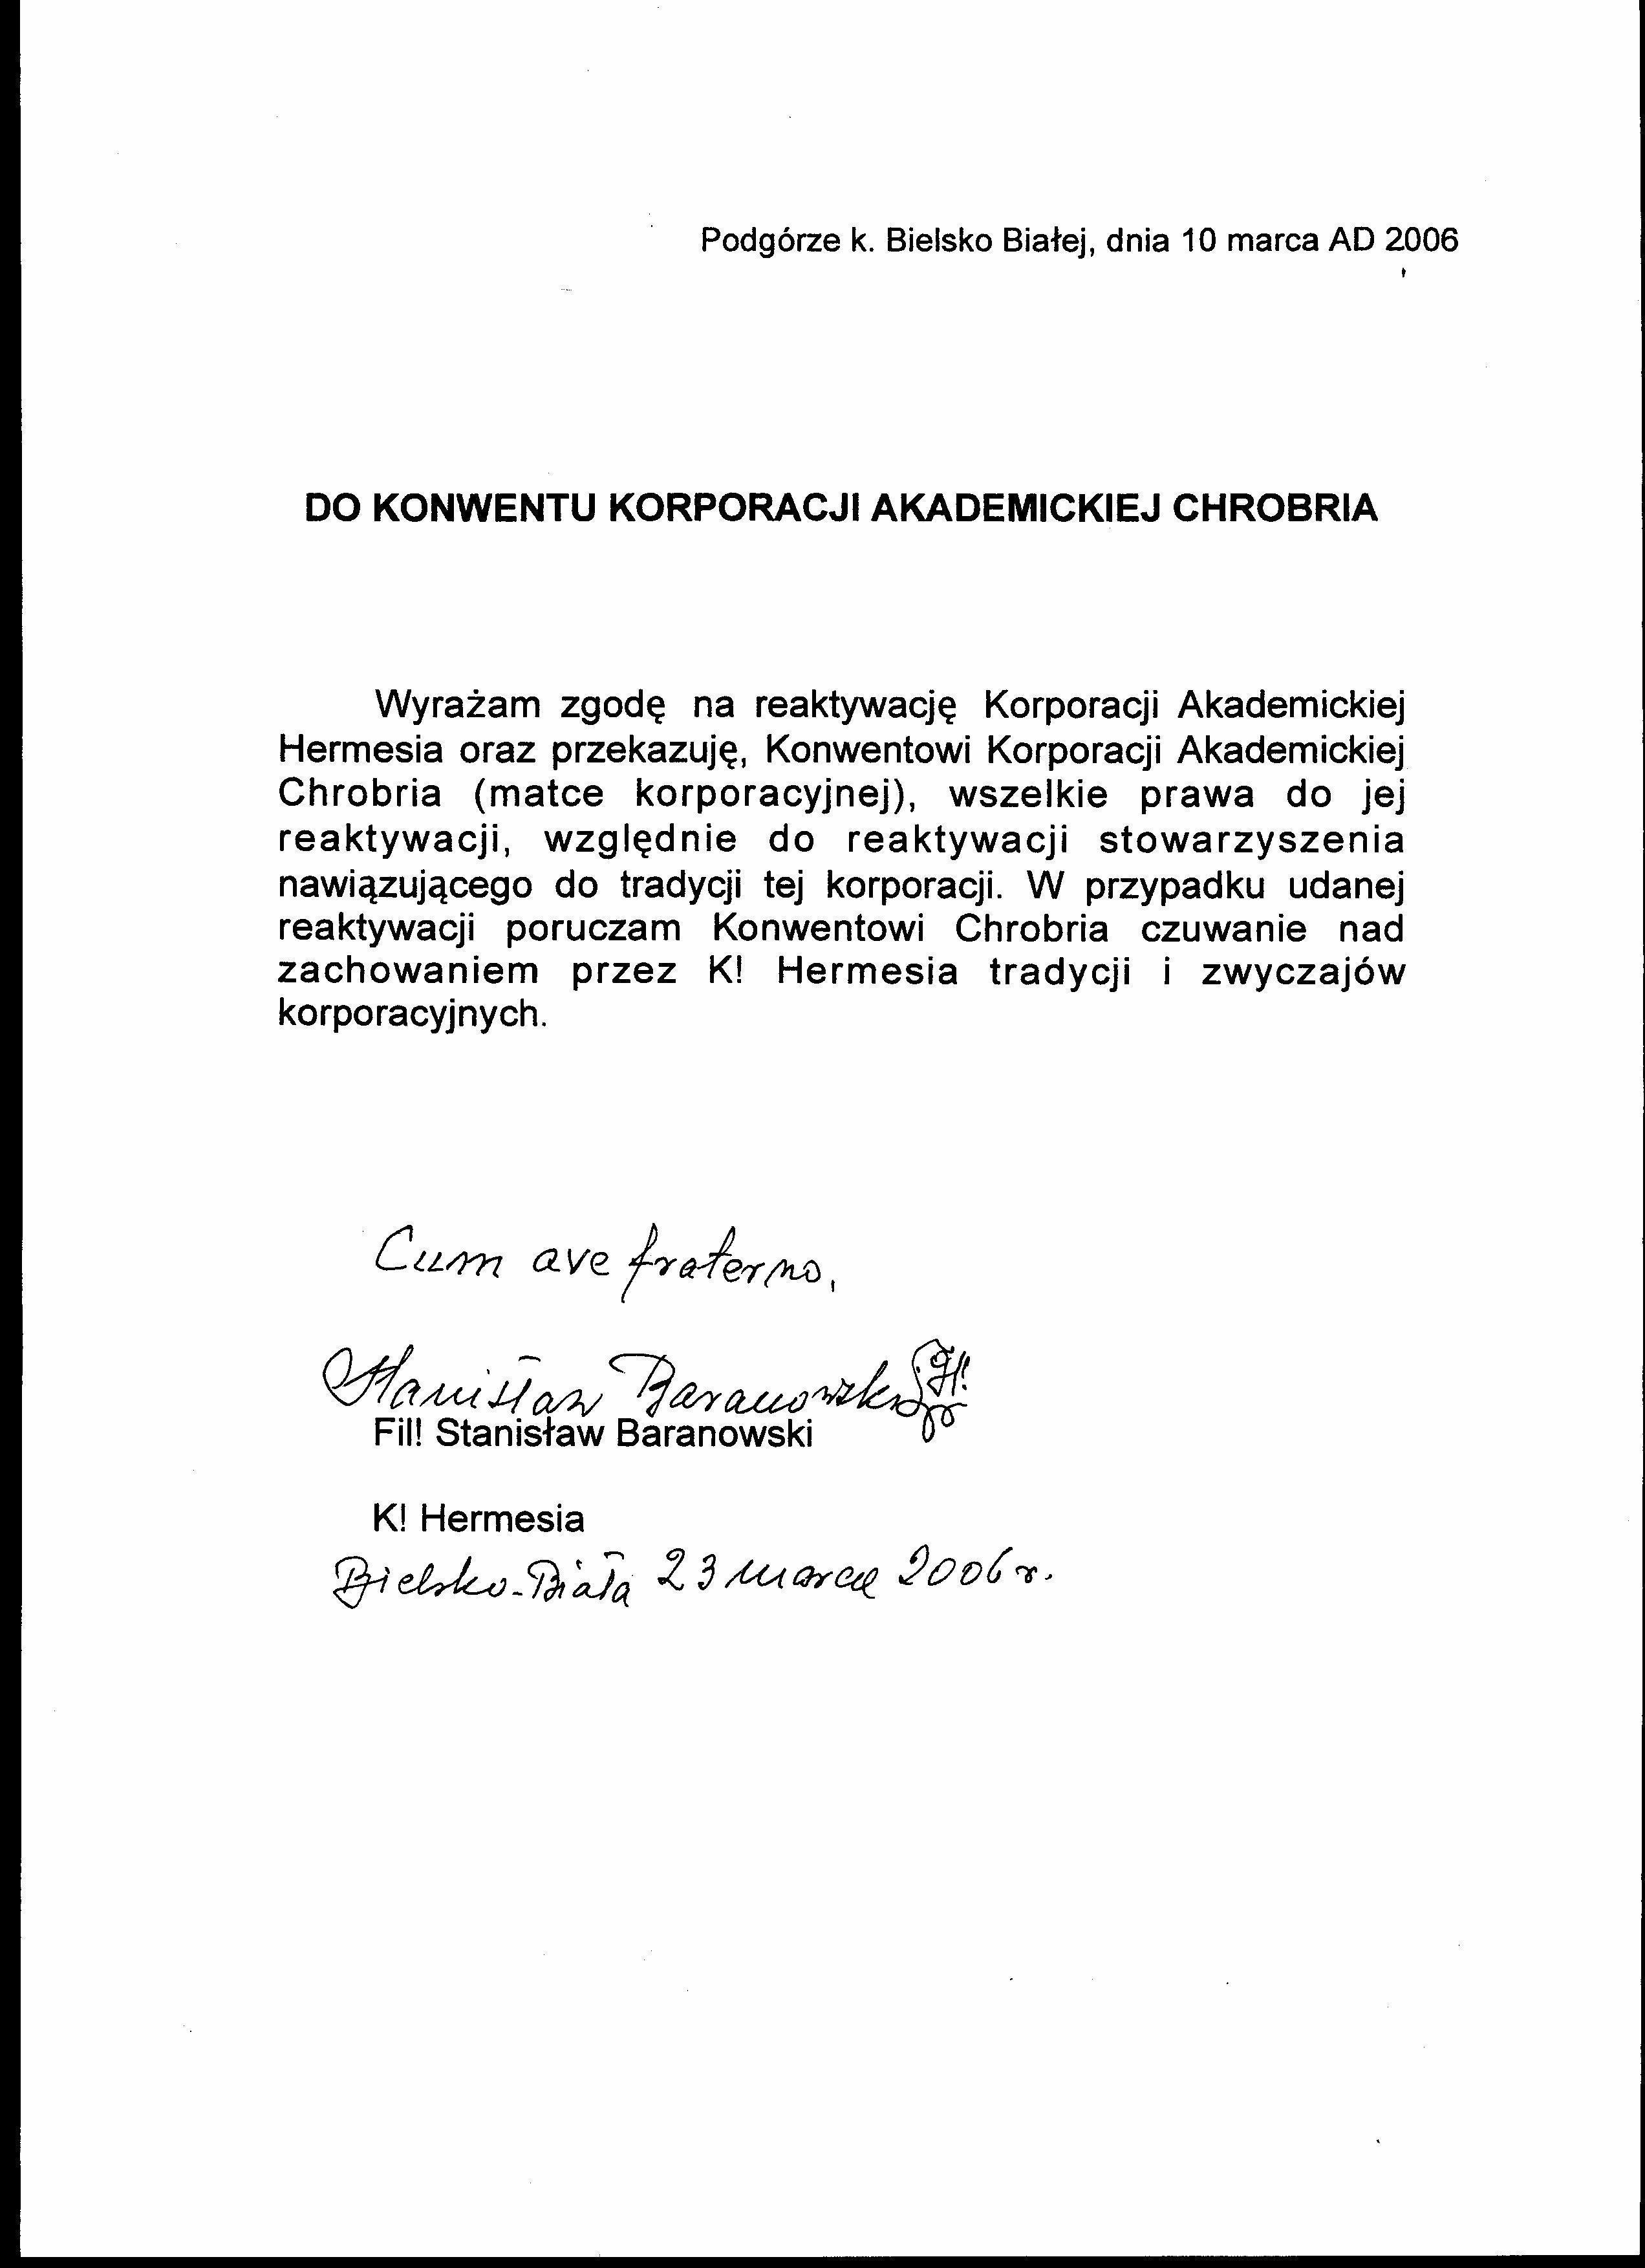 Zgoda na reaktywację podpisana przez Fil! Baranowskiego